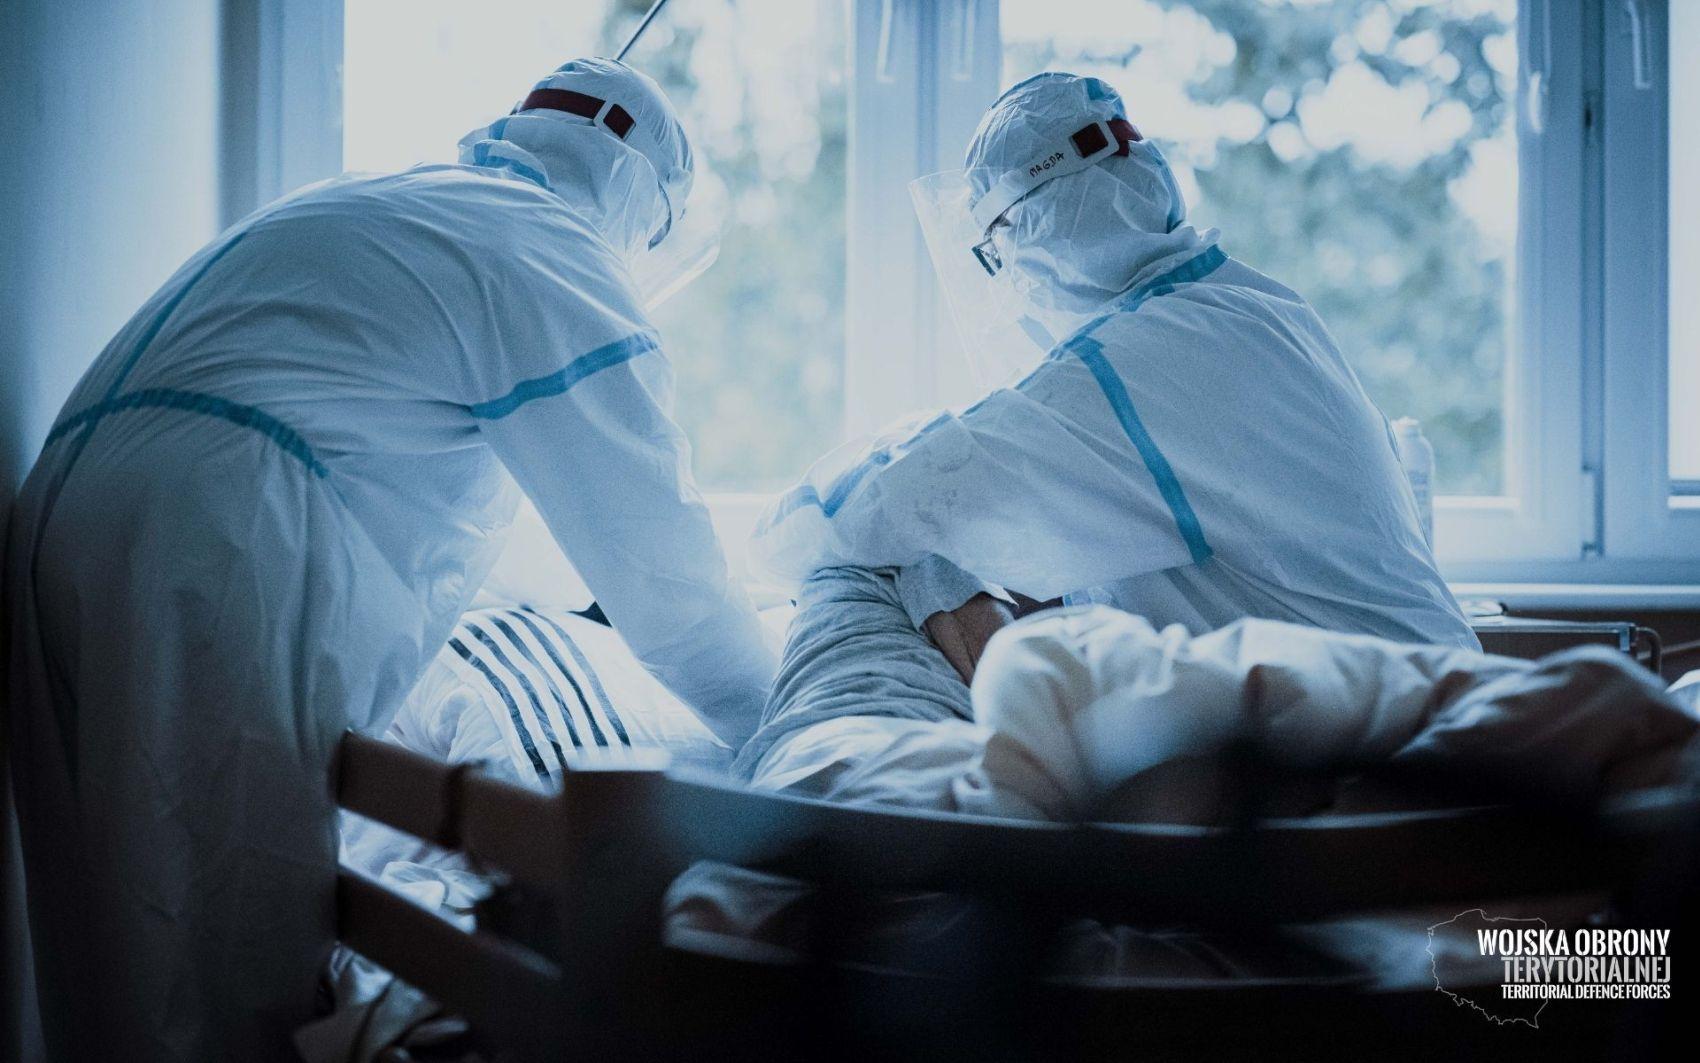 wot szpitale 2 Terytorialsi wspierają coraz więcej szpitali. Przejmują cześć obowiązków personelu medycznego